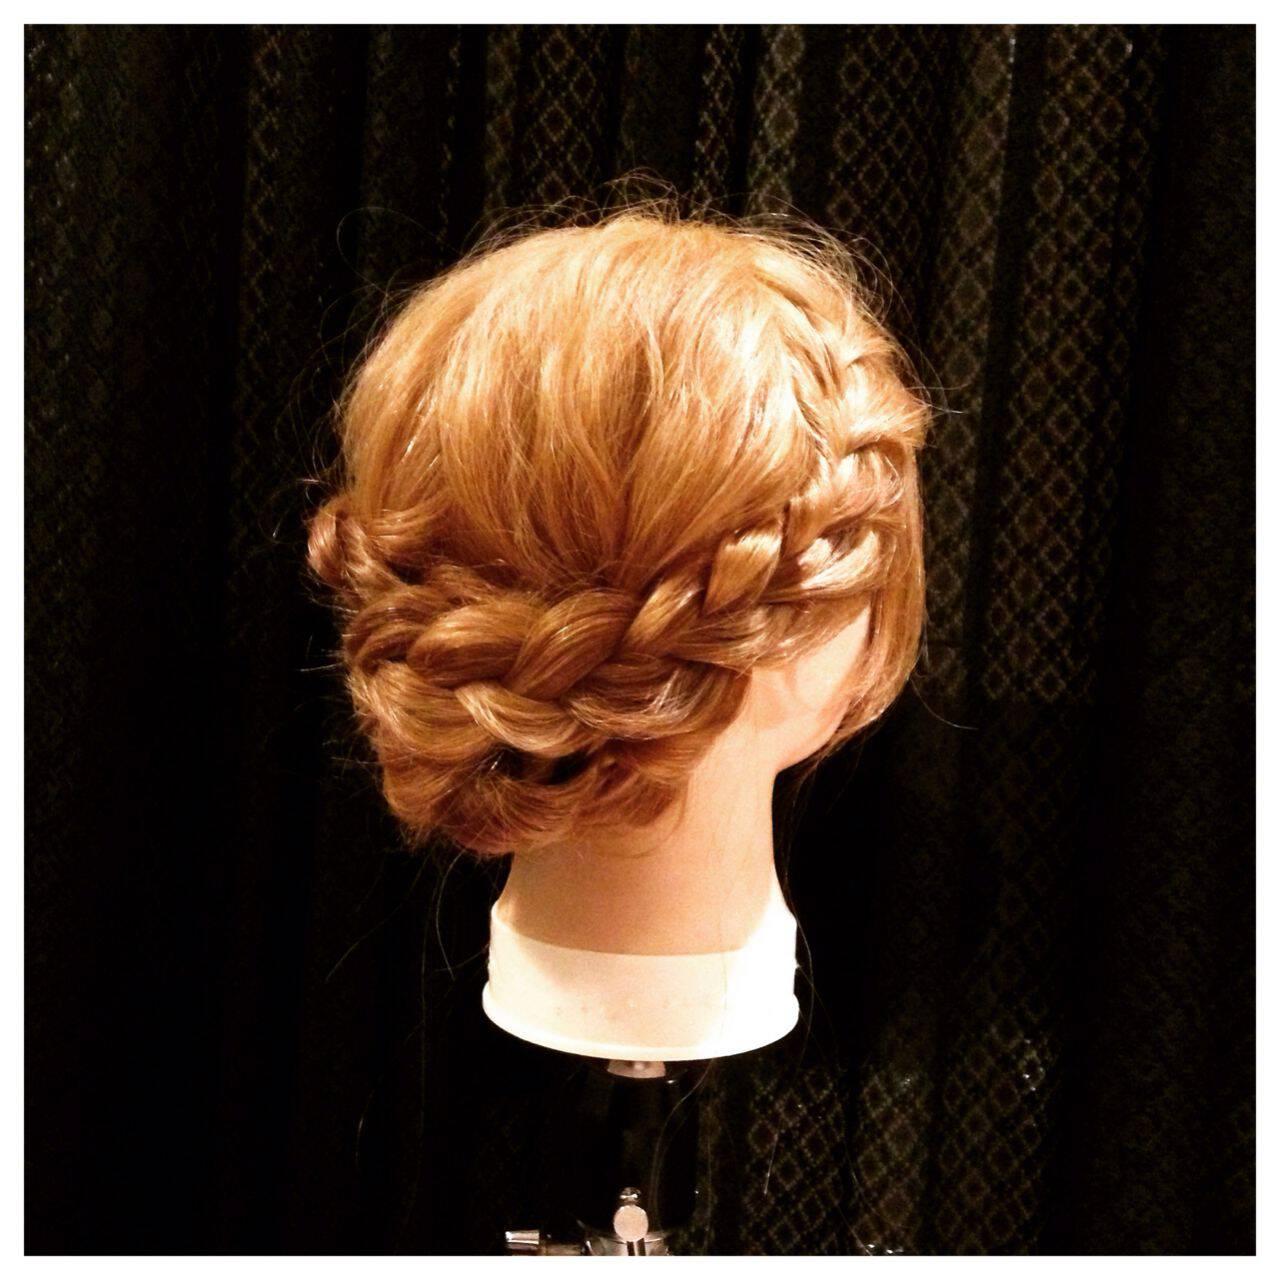 ガーリー ミディアム 編み込み 大人かわいいヘアスタイルや髪型の写真・画像